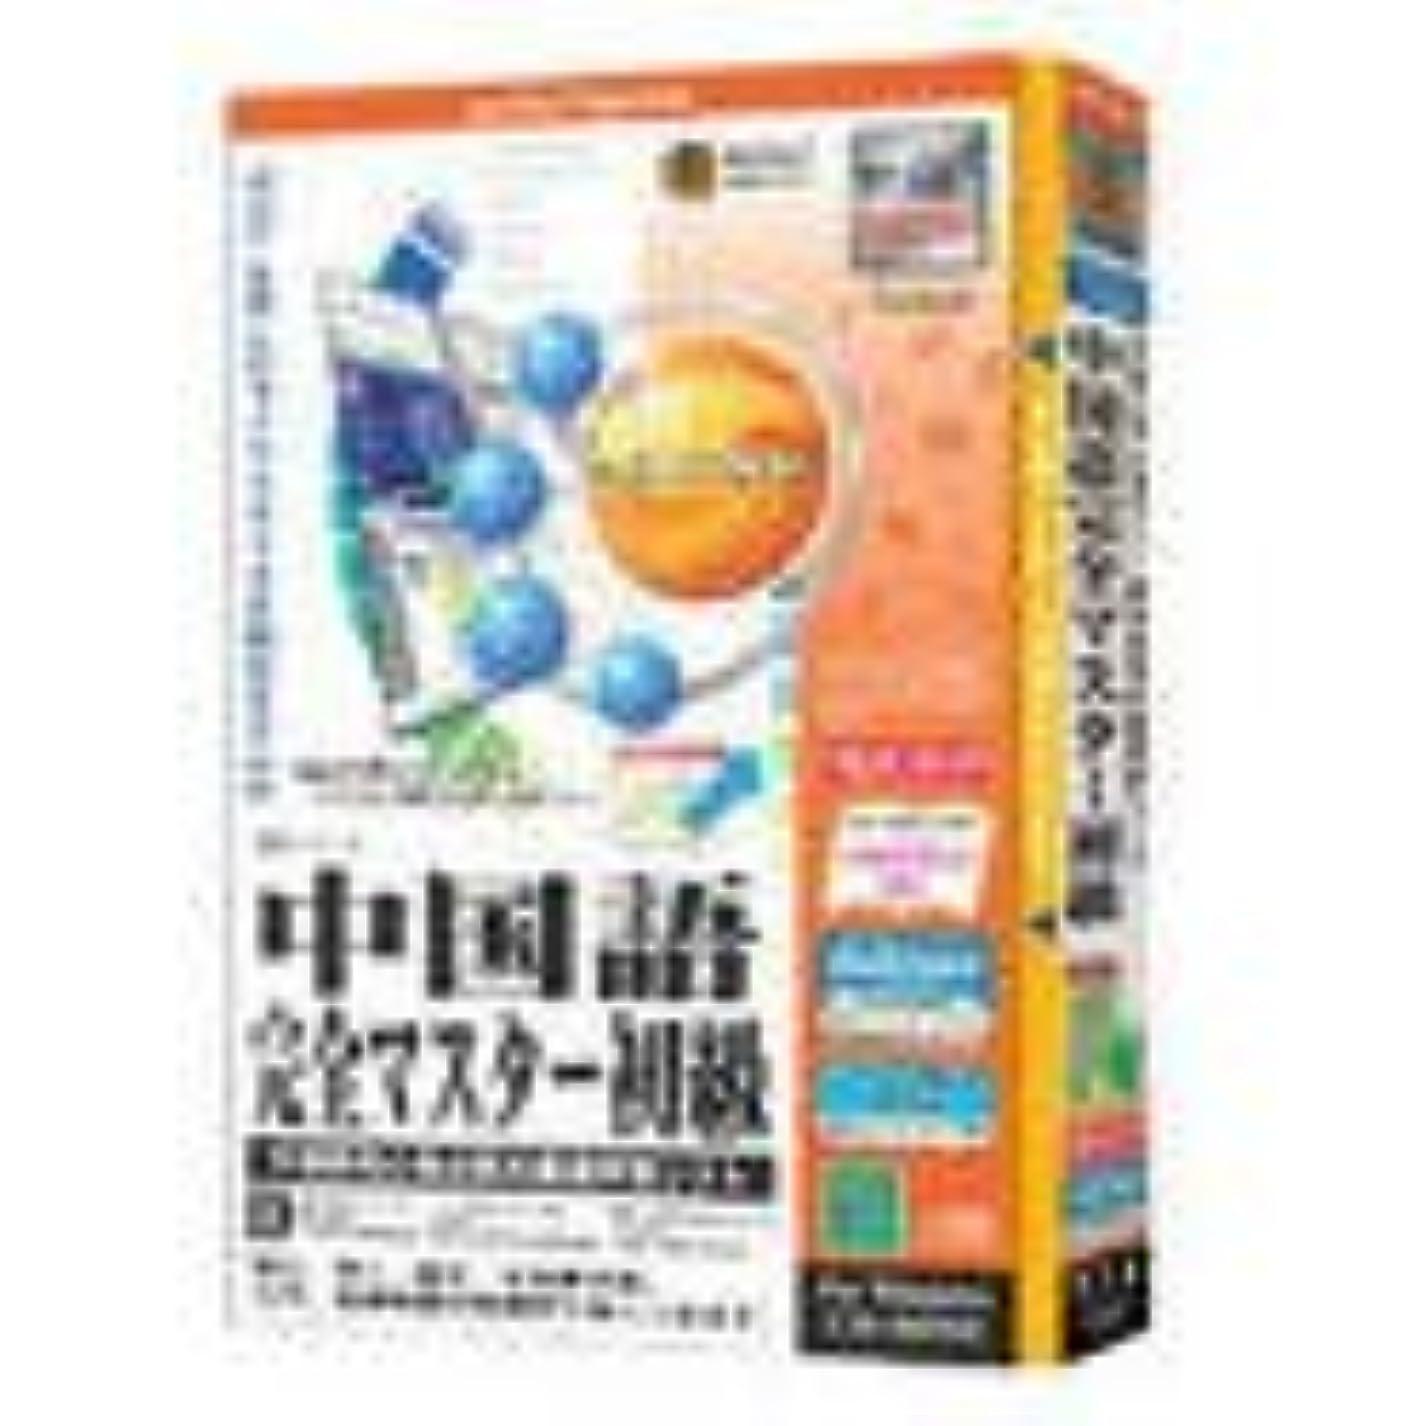 生まれアカデミックディンカルビルmedia5 Special Version 4 語学シリーズ 中国語完全マスター 初級